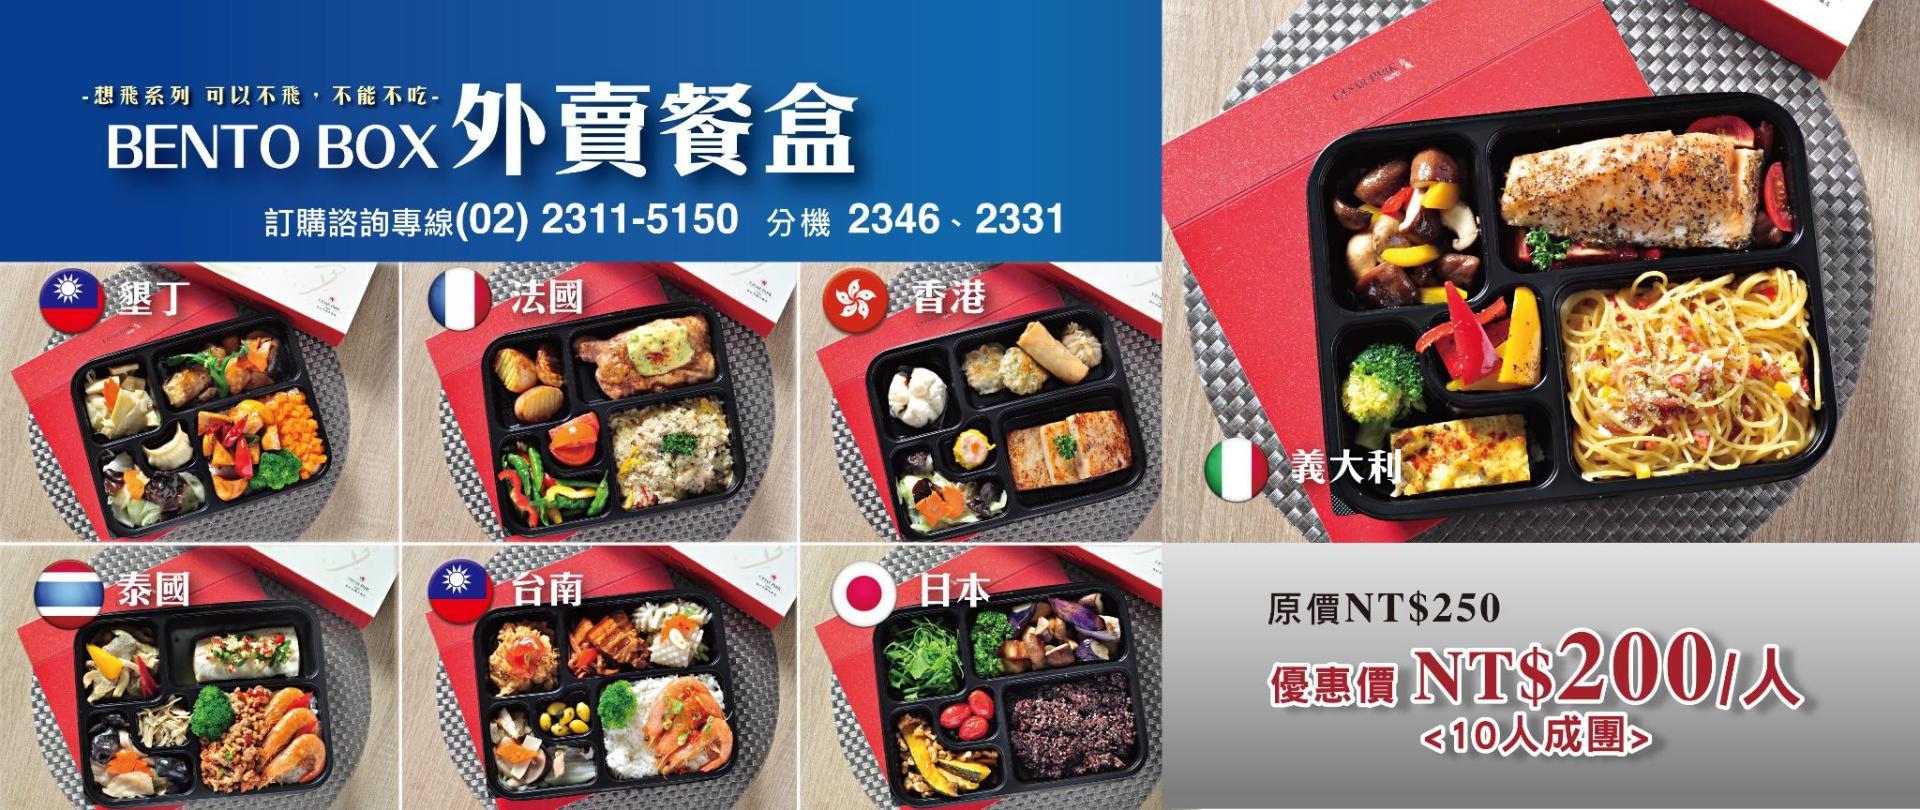 2020外賣餐盒-Slide Show1920X810.jpg